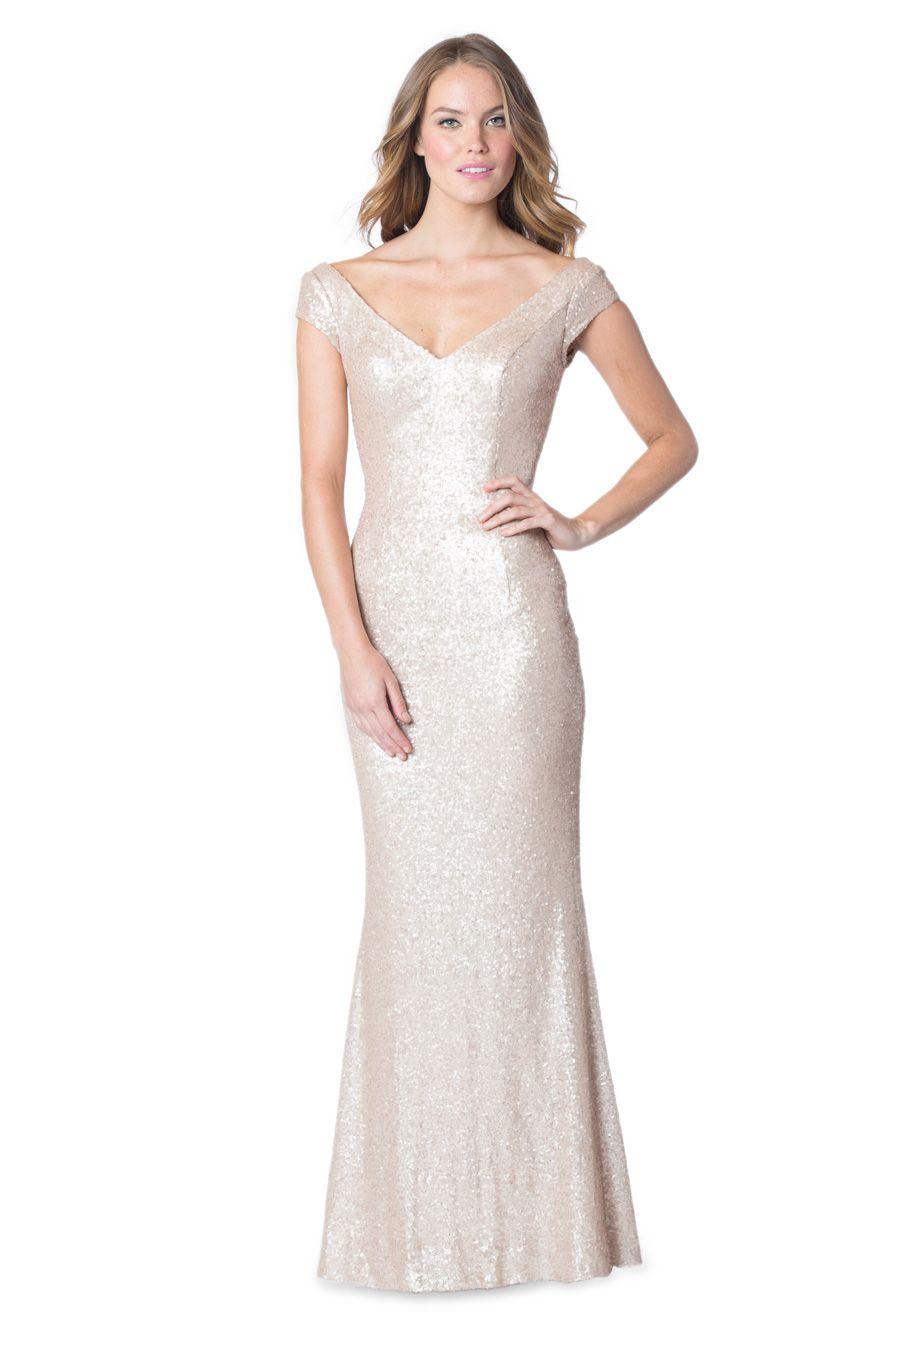 Bridesmaid dress available at ella park bridal newburgh in bridesmaid dress available at ella park bridal newburgh in 8128531800 ombrellifo Image collections